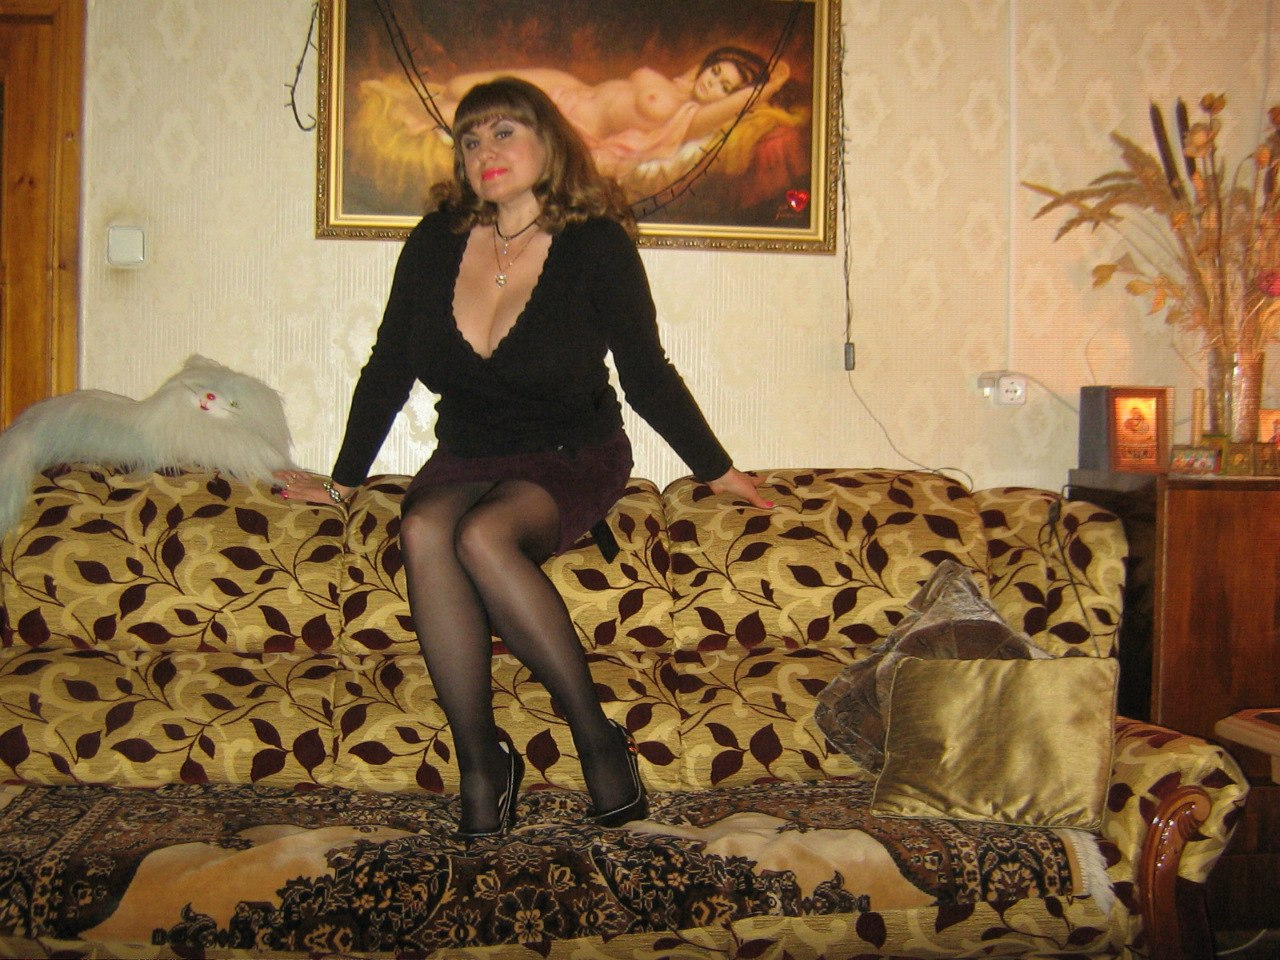 Худые зрелые русские, Порно коллекция Секс русских худых зрелых 11 фотография